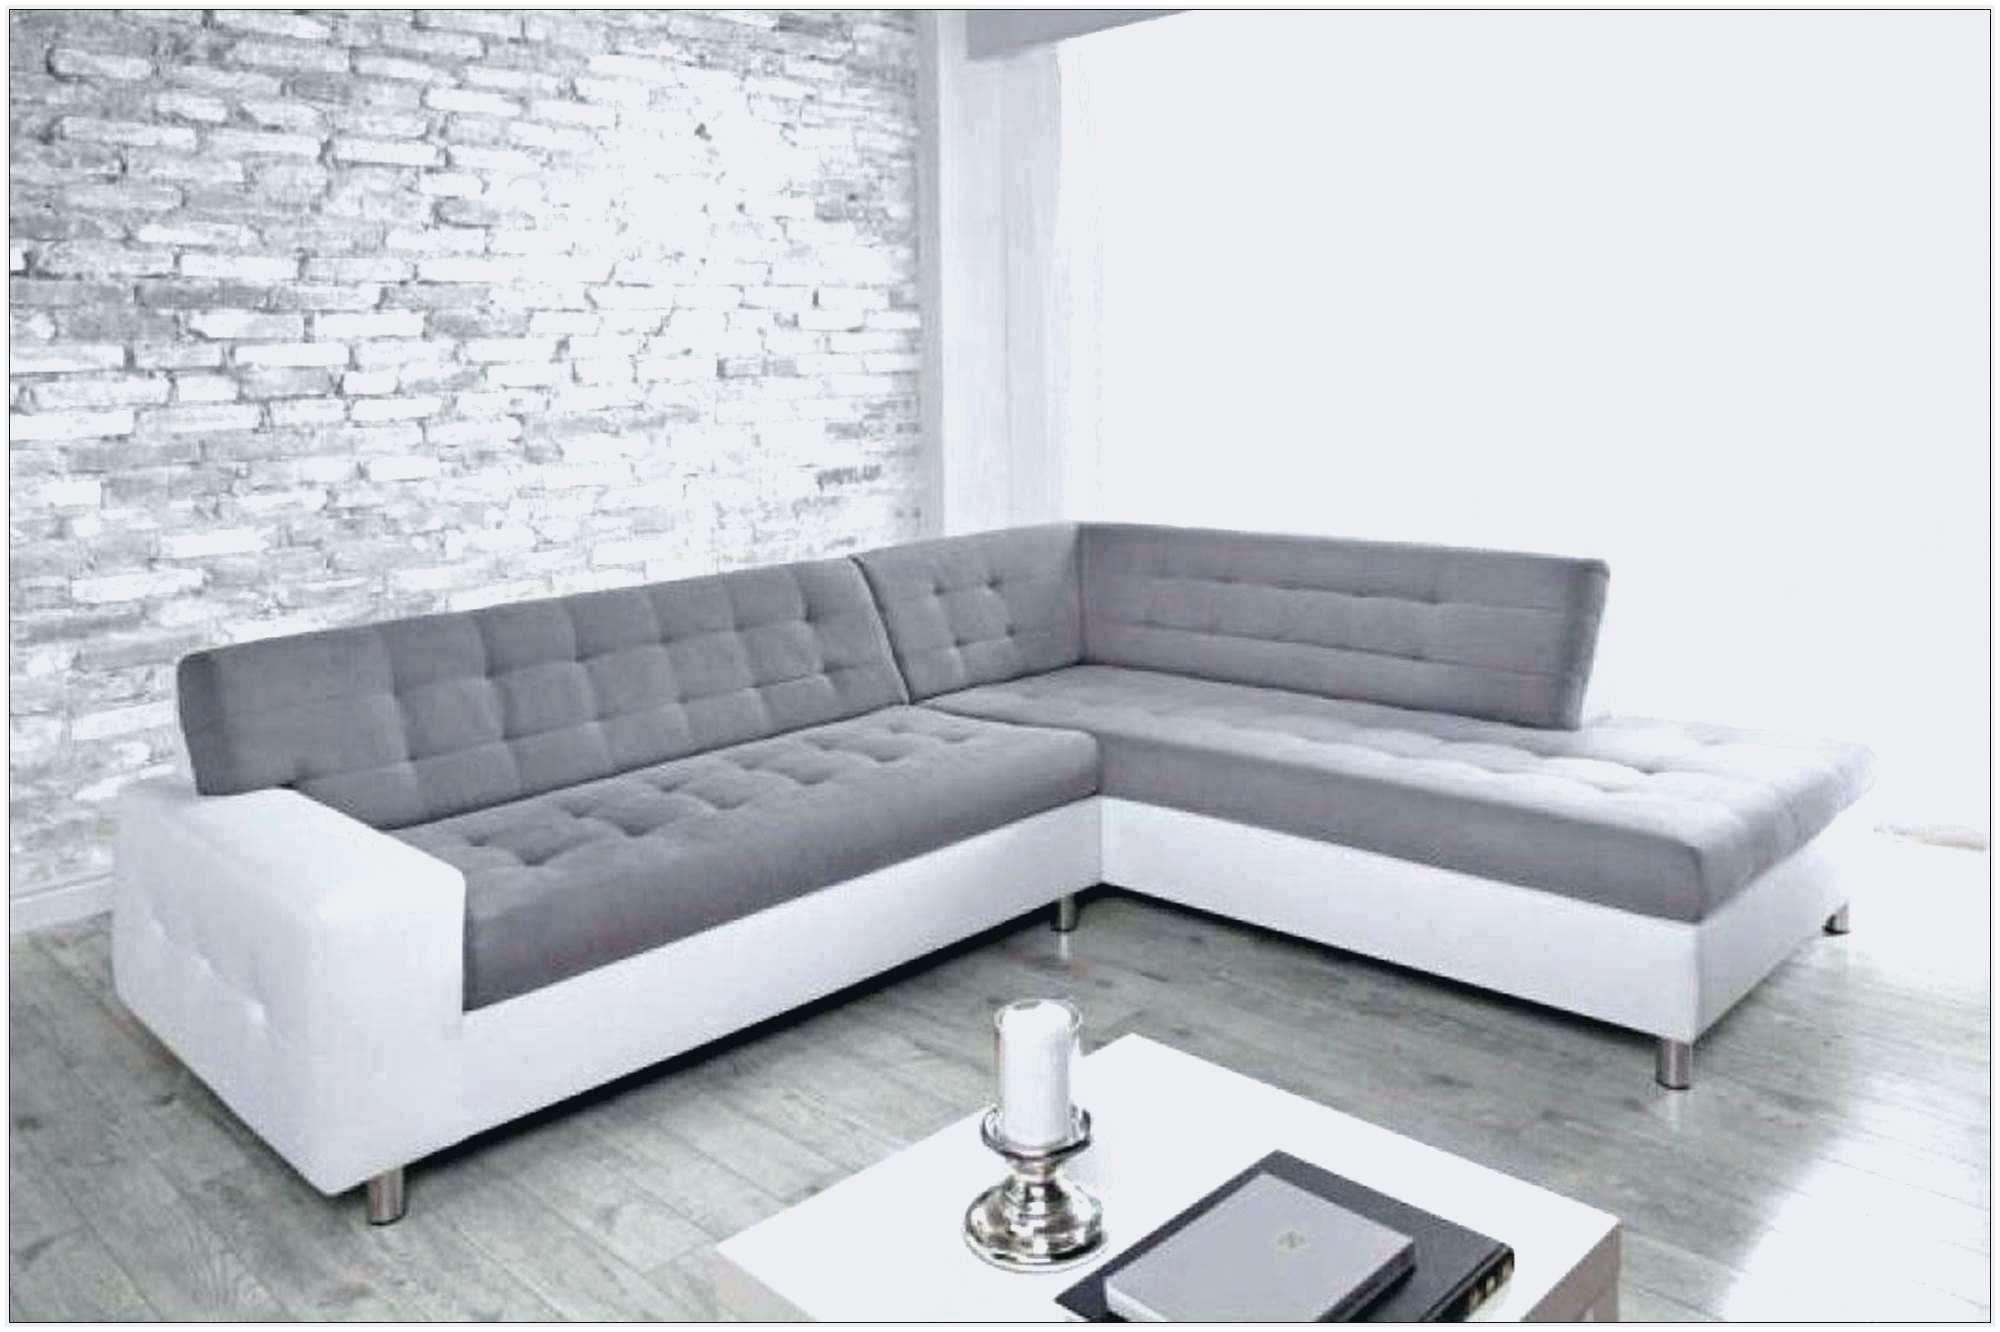 Lit Superposé Ikea 3 Places Impressionnant Luxe Ikea Canapé D Angle Convertible Beau Image Lit 2 Places 25 23